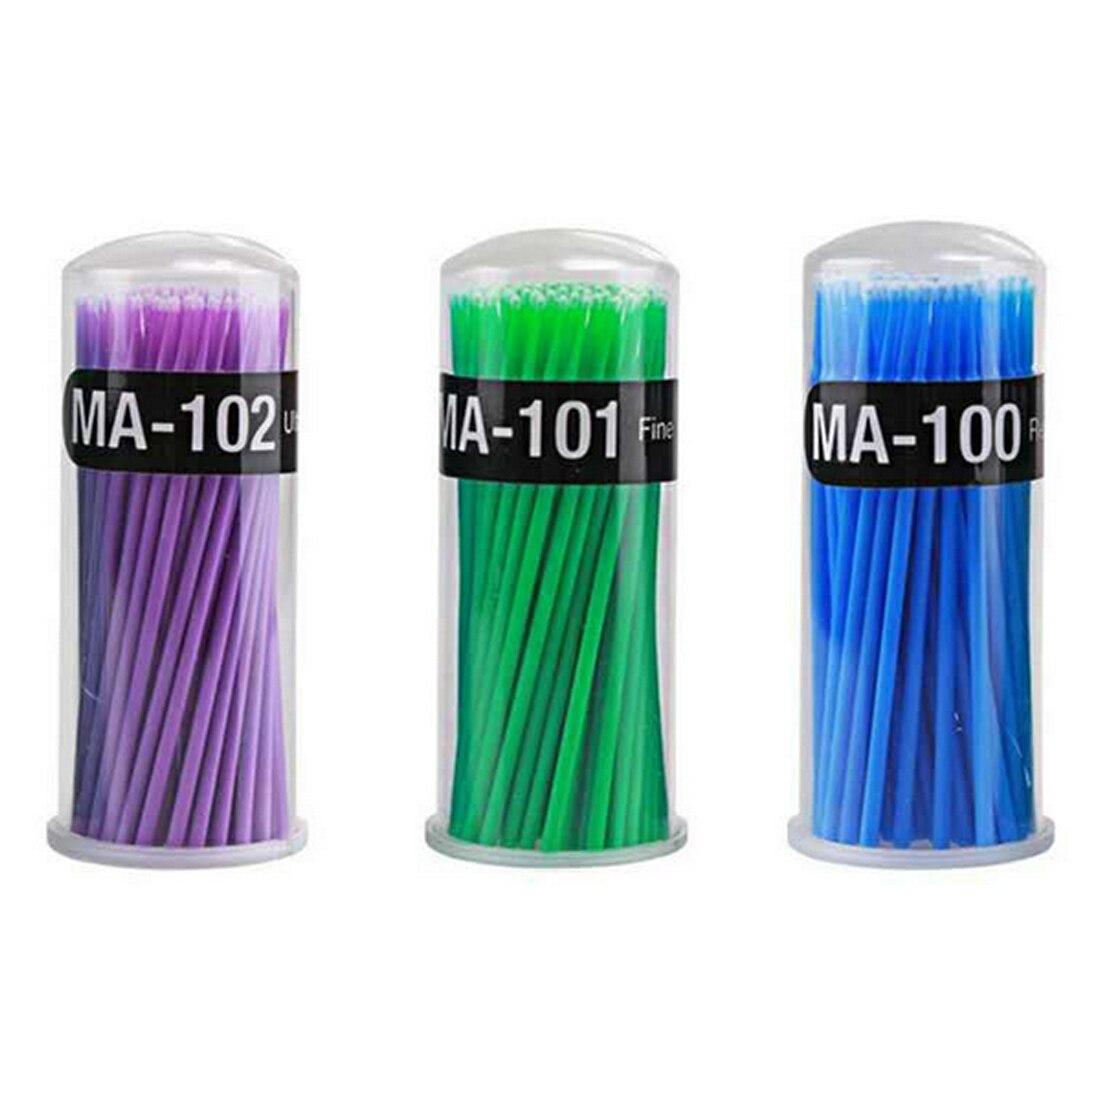 100pcs/bag Grafting Eyelash Cleaning Stick Disposable Tattoo Cotton Stick Makeup Special Unloading Eyelash Cotton Swab